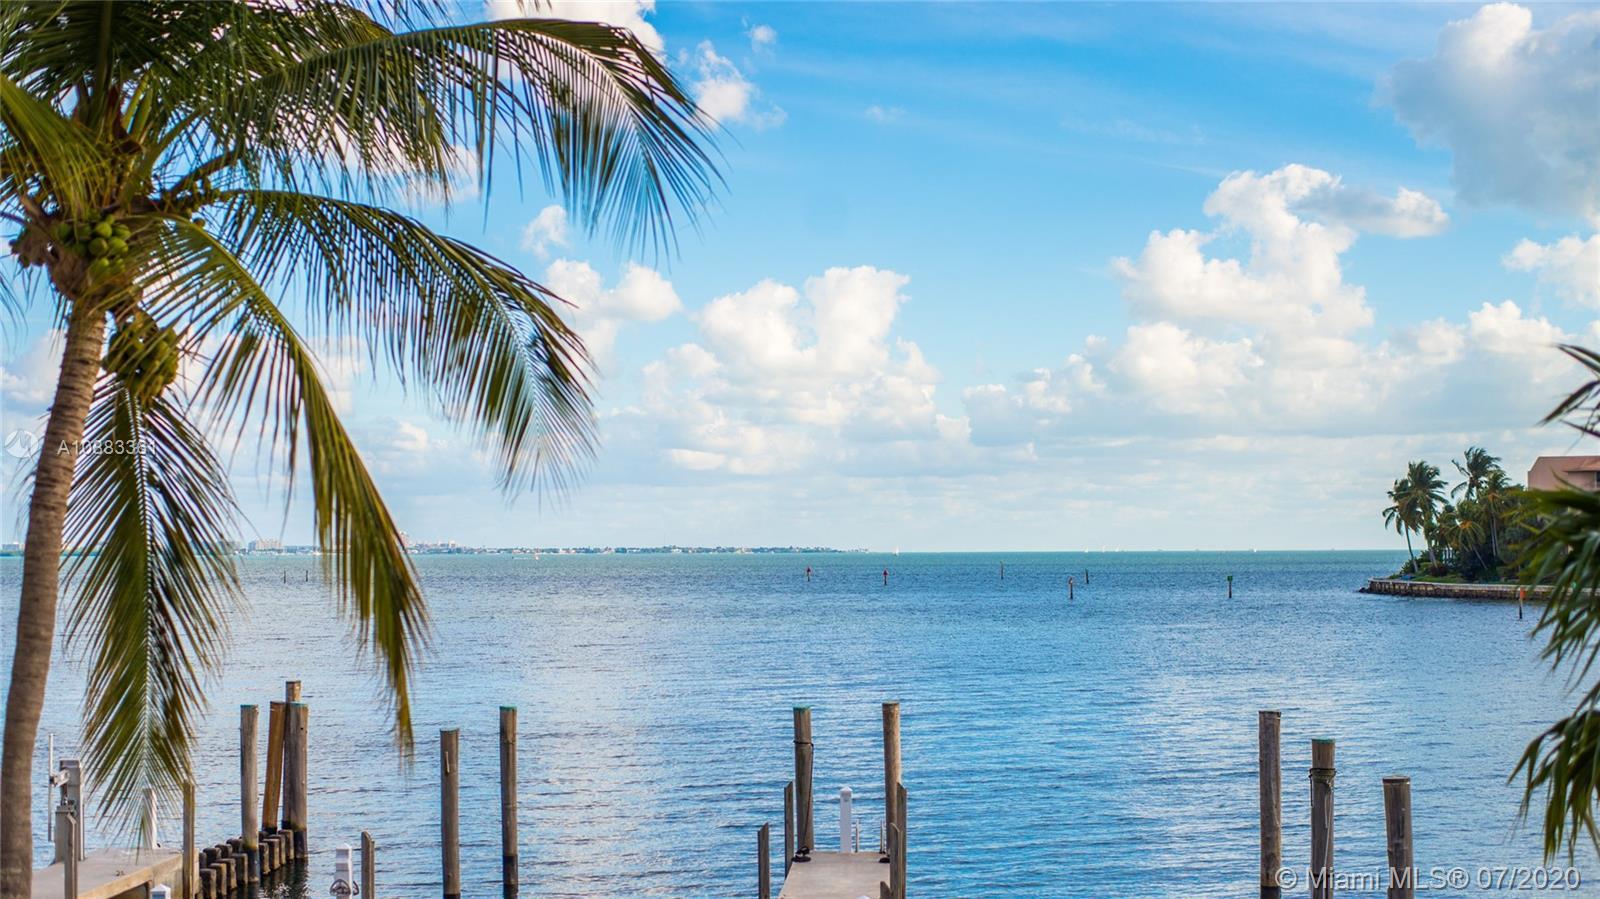 1660 S Bayshore Ct # 101, Miami, Florida 33133, 4 Bedrooms Bedrooms, ,4 BathroomsBathrooms,Residential,For Sale,1660 S Bayshore Ct # 101,A10883361